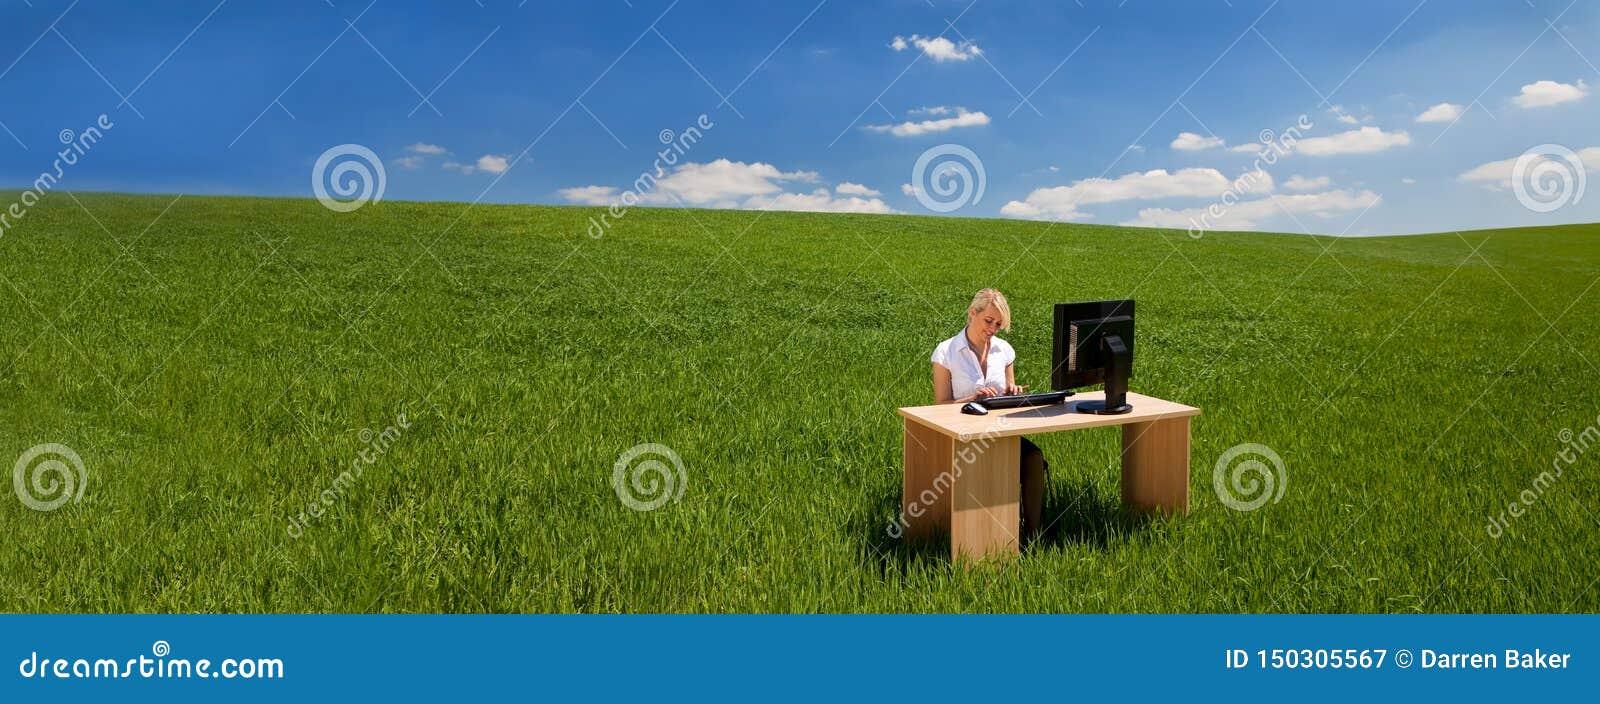 Empresaria del panorama que usa el ordenador en un escritorio en bandera verde del campo